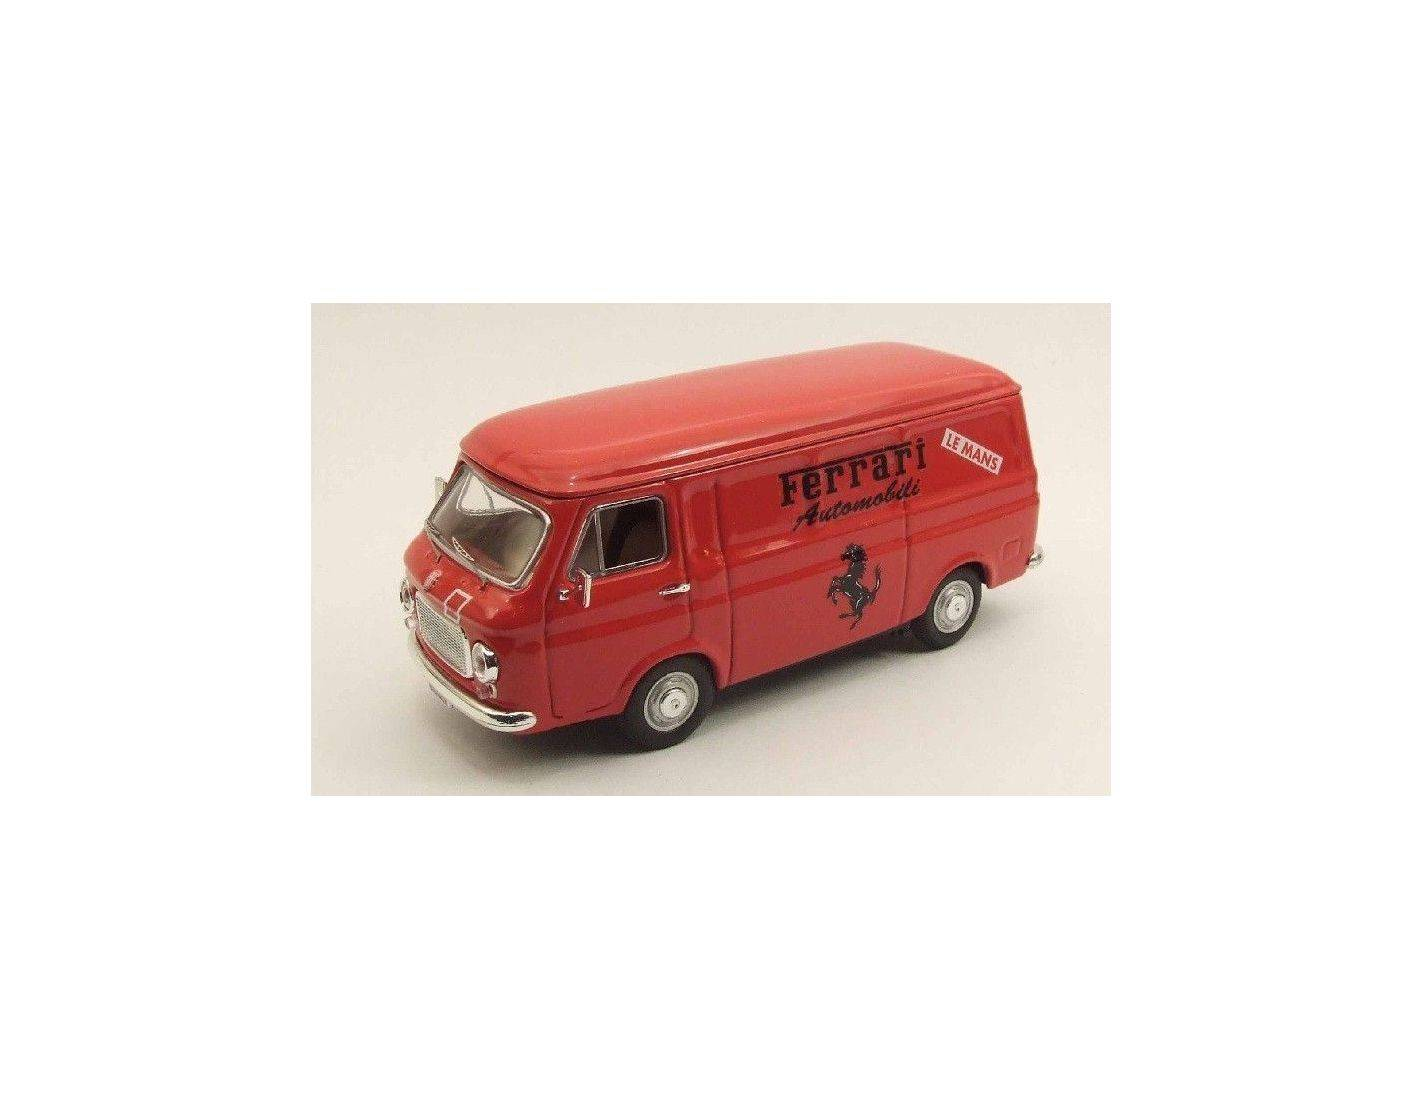 rio ri4339 fiat 238 assistenza ferrari le mans 1977 red 1. Black Bedroom Furniture Sets. Home Design Ideas